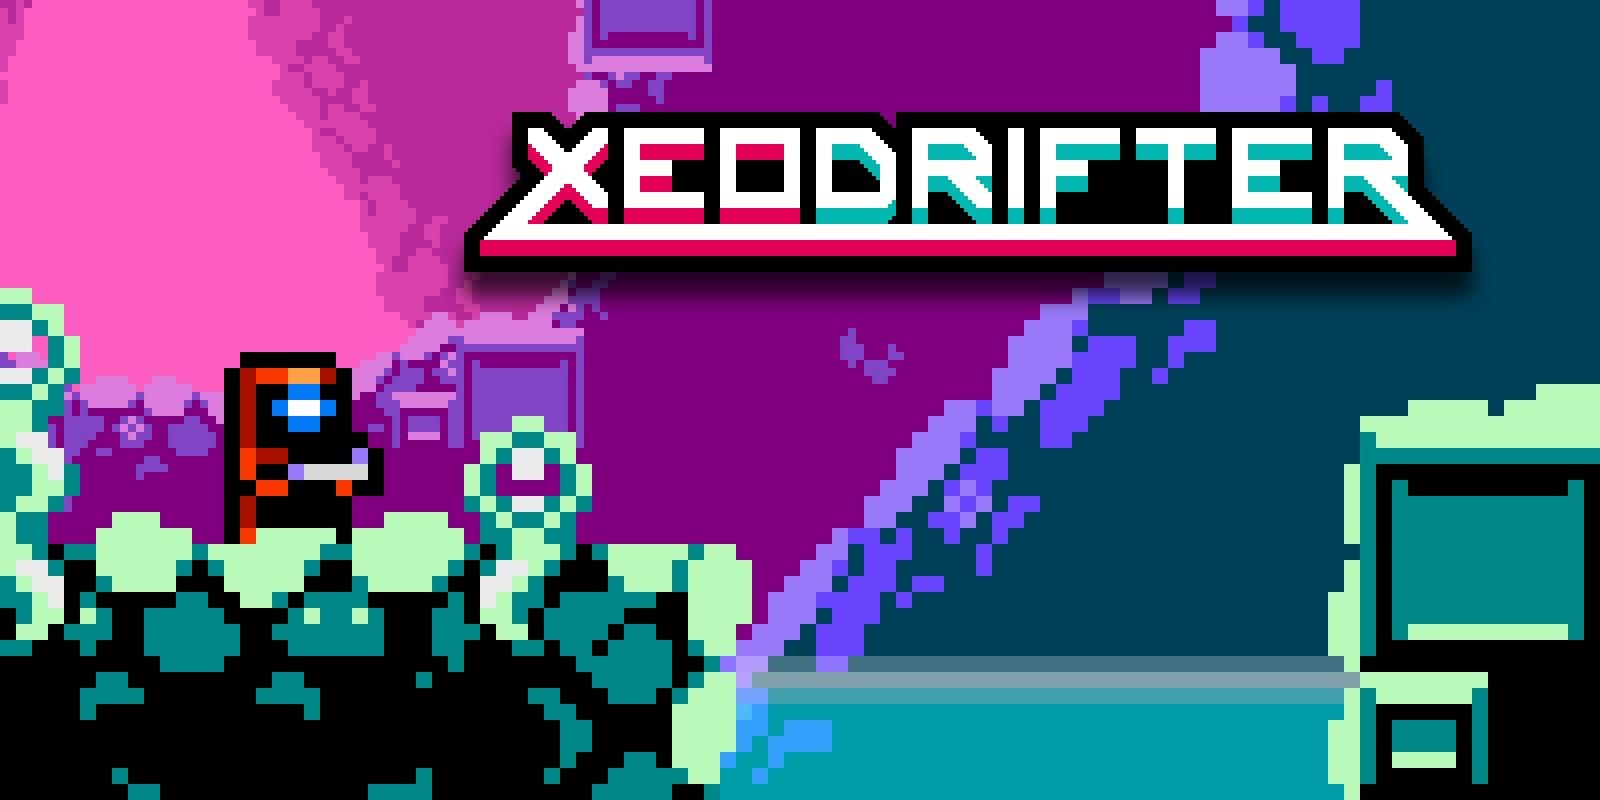 Xeodrifter - Nintendo Switch (eshop de Sudáfrica)